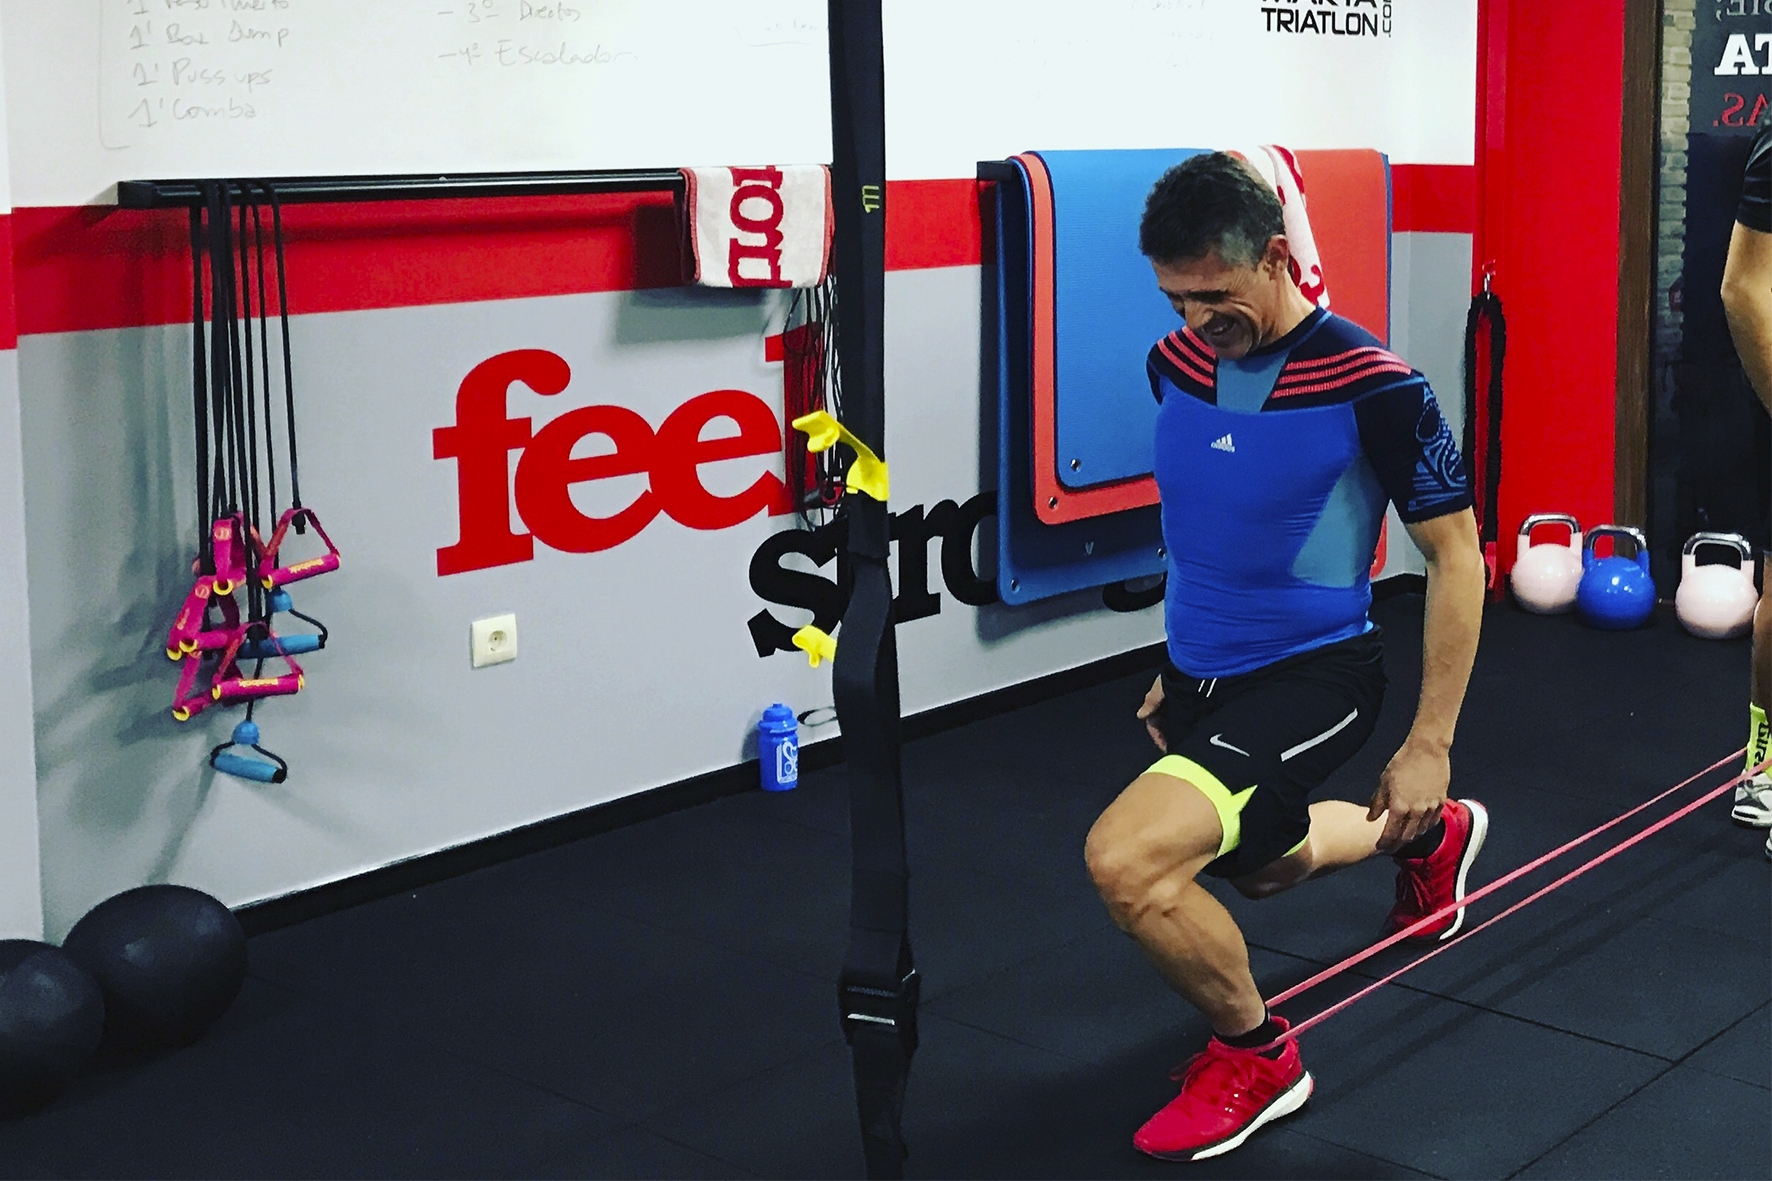 Entrenamiento Funcional 3 Feel Strong Sienttfuerte Sala de entrenamiento en Navalcarnero Madrid